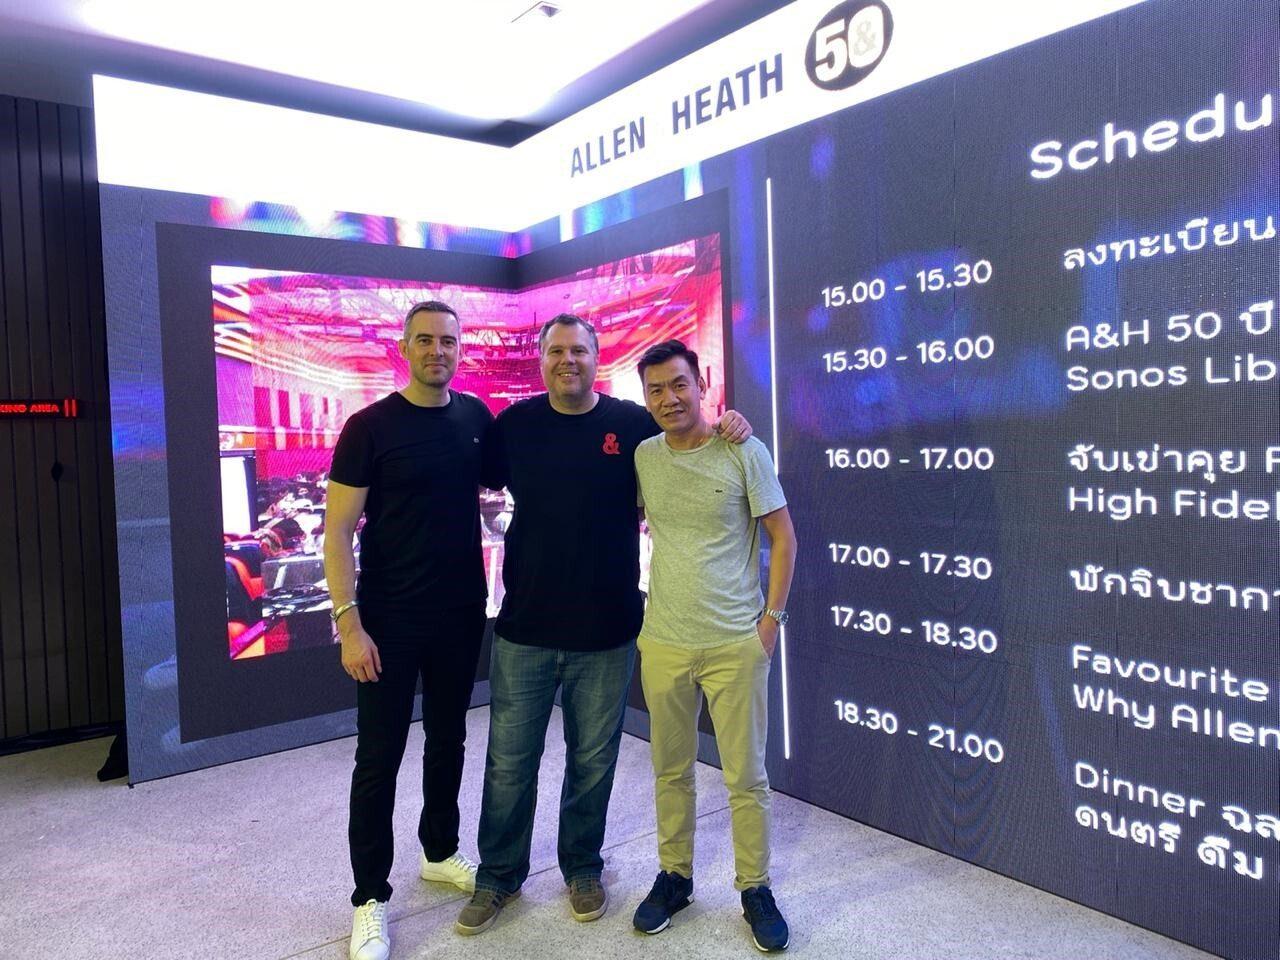 SONOS LIBRA APPOINTED EXCLUSIVE ALLEN & HEATH DISTRIBUTOR FOR VIETNAM